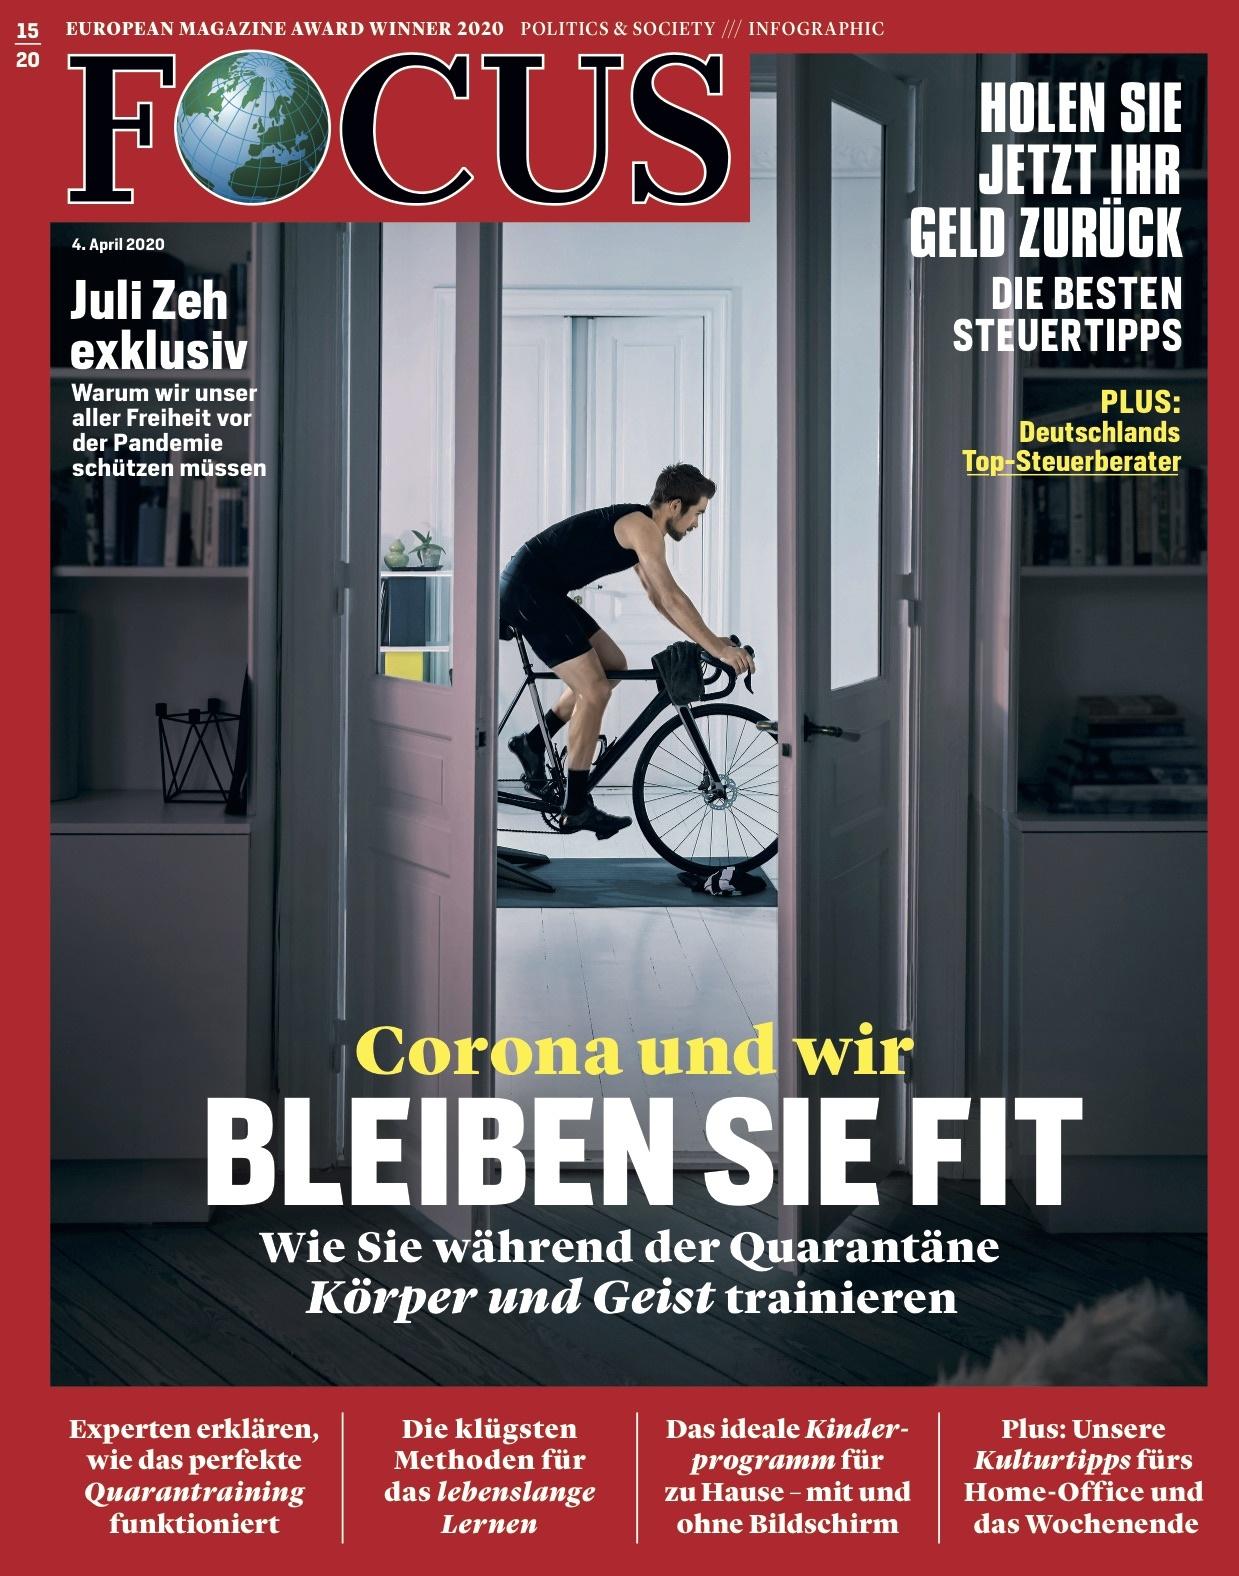 FOCUS Magazin  FOCUS Magazin - Bleiben Sie fit